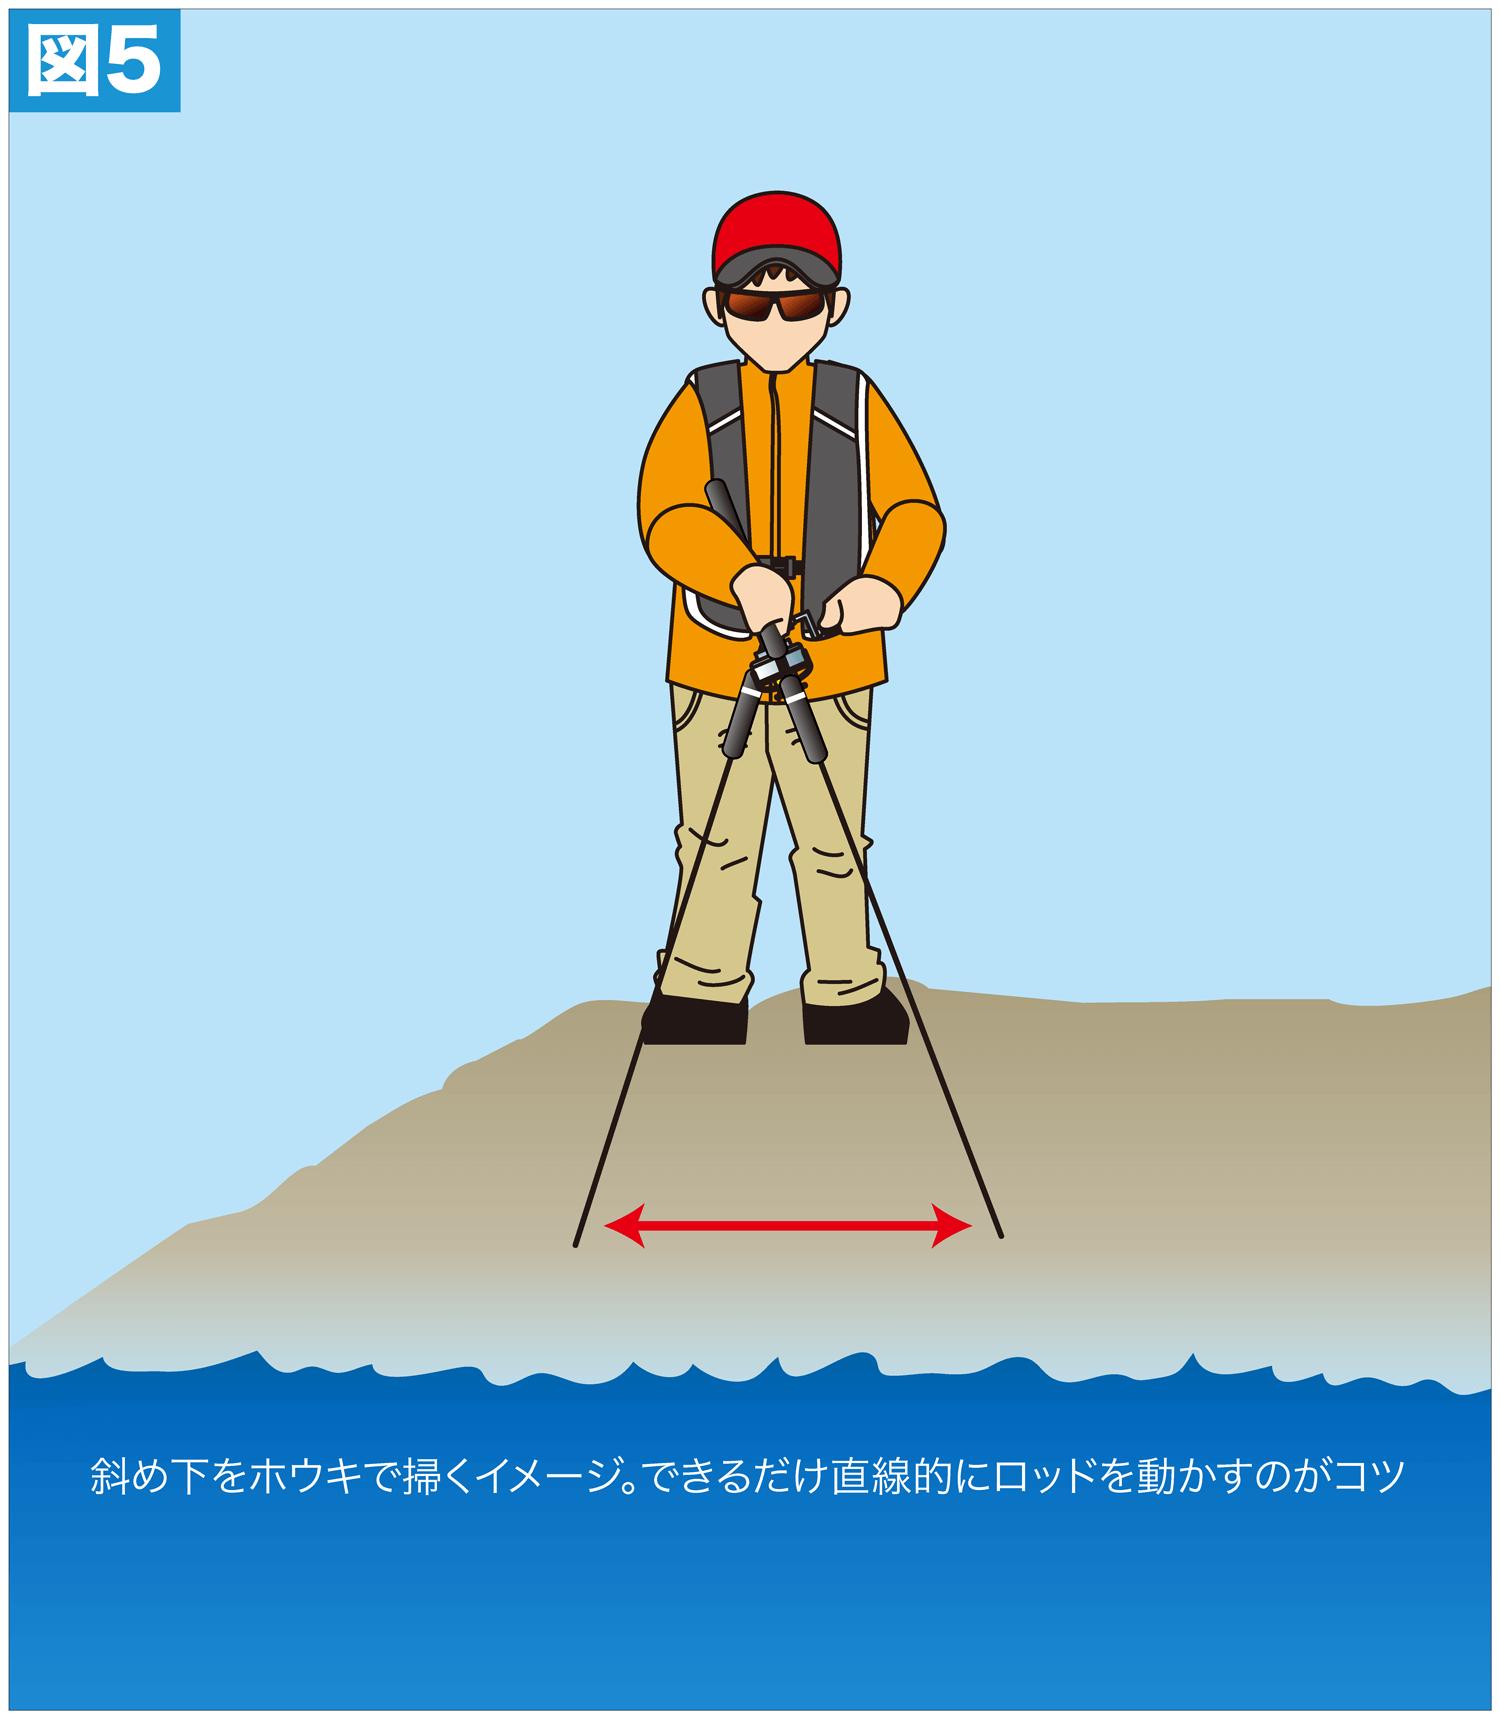 ショア青物ゲーム 釣り方10